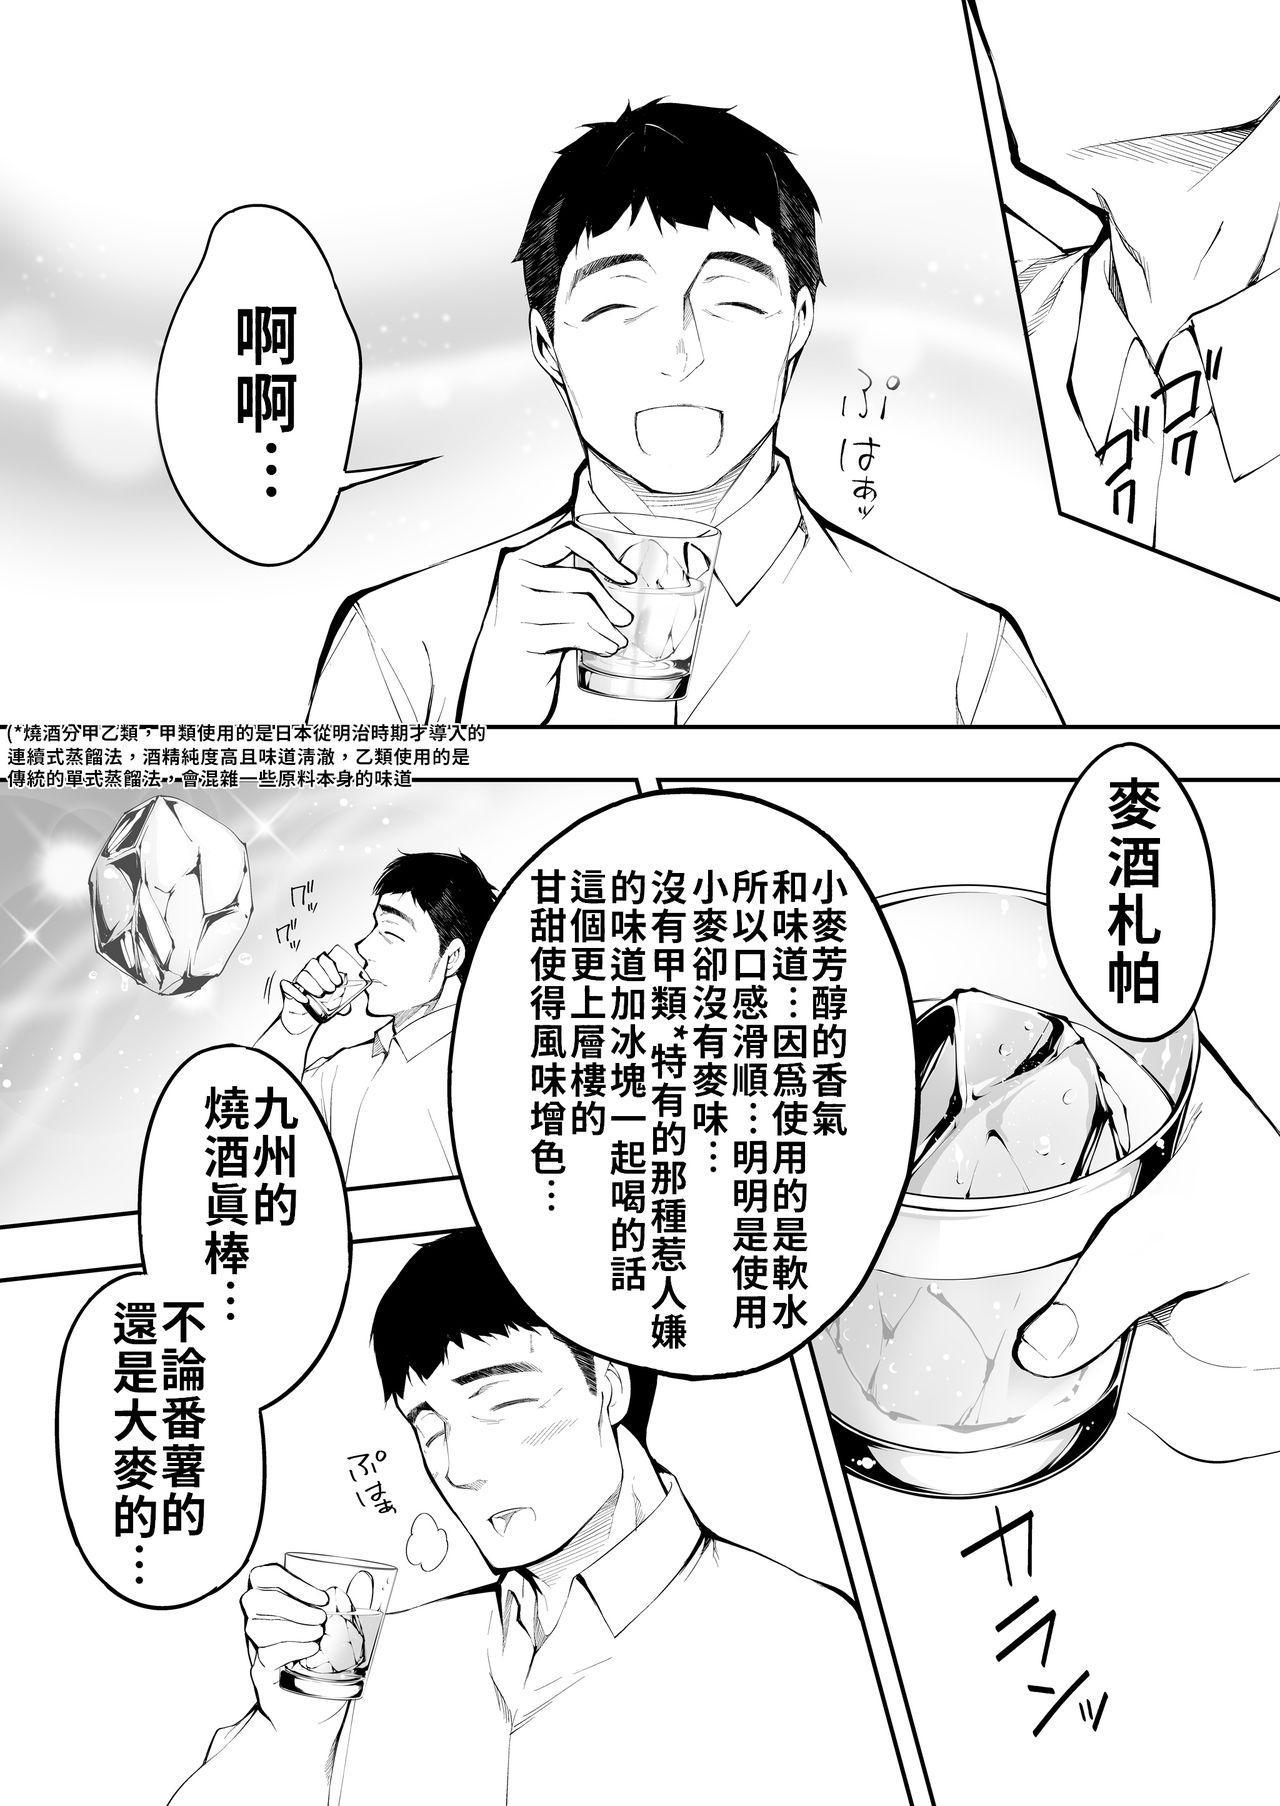 Panpan Travelers Hakata Shuudan Rape Ryokou | 吃飯兼炒飯TRAVELERS~博多集團強●旅行 15